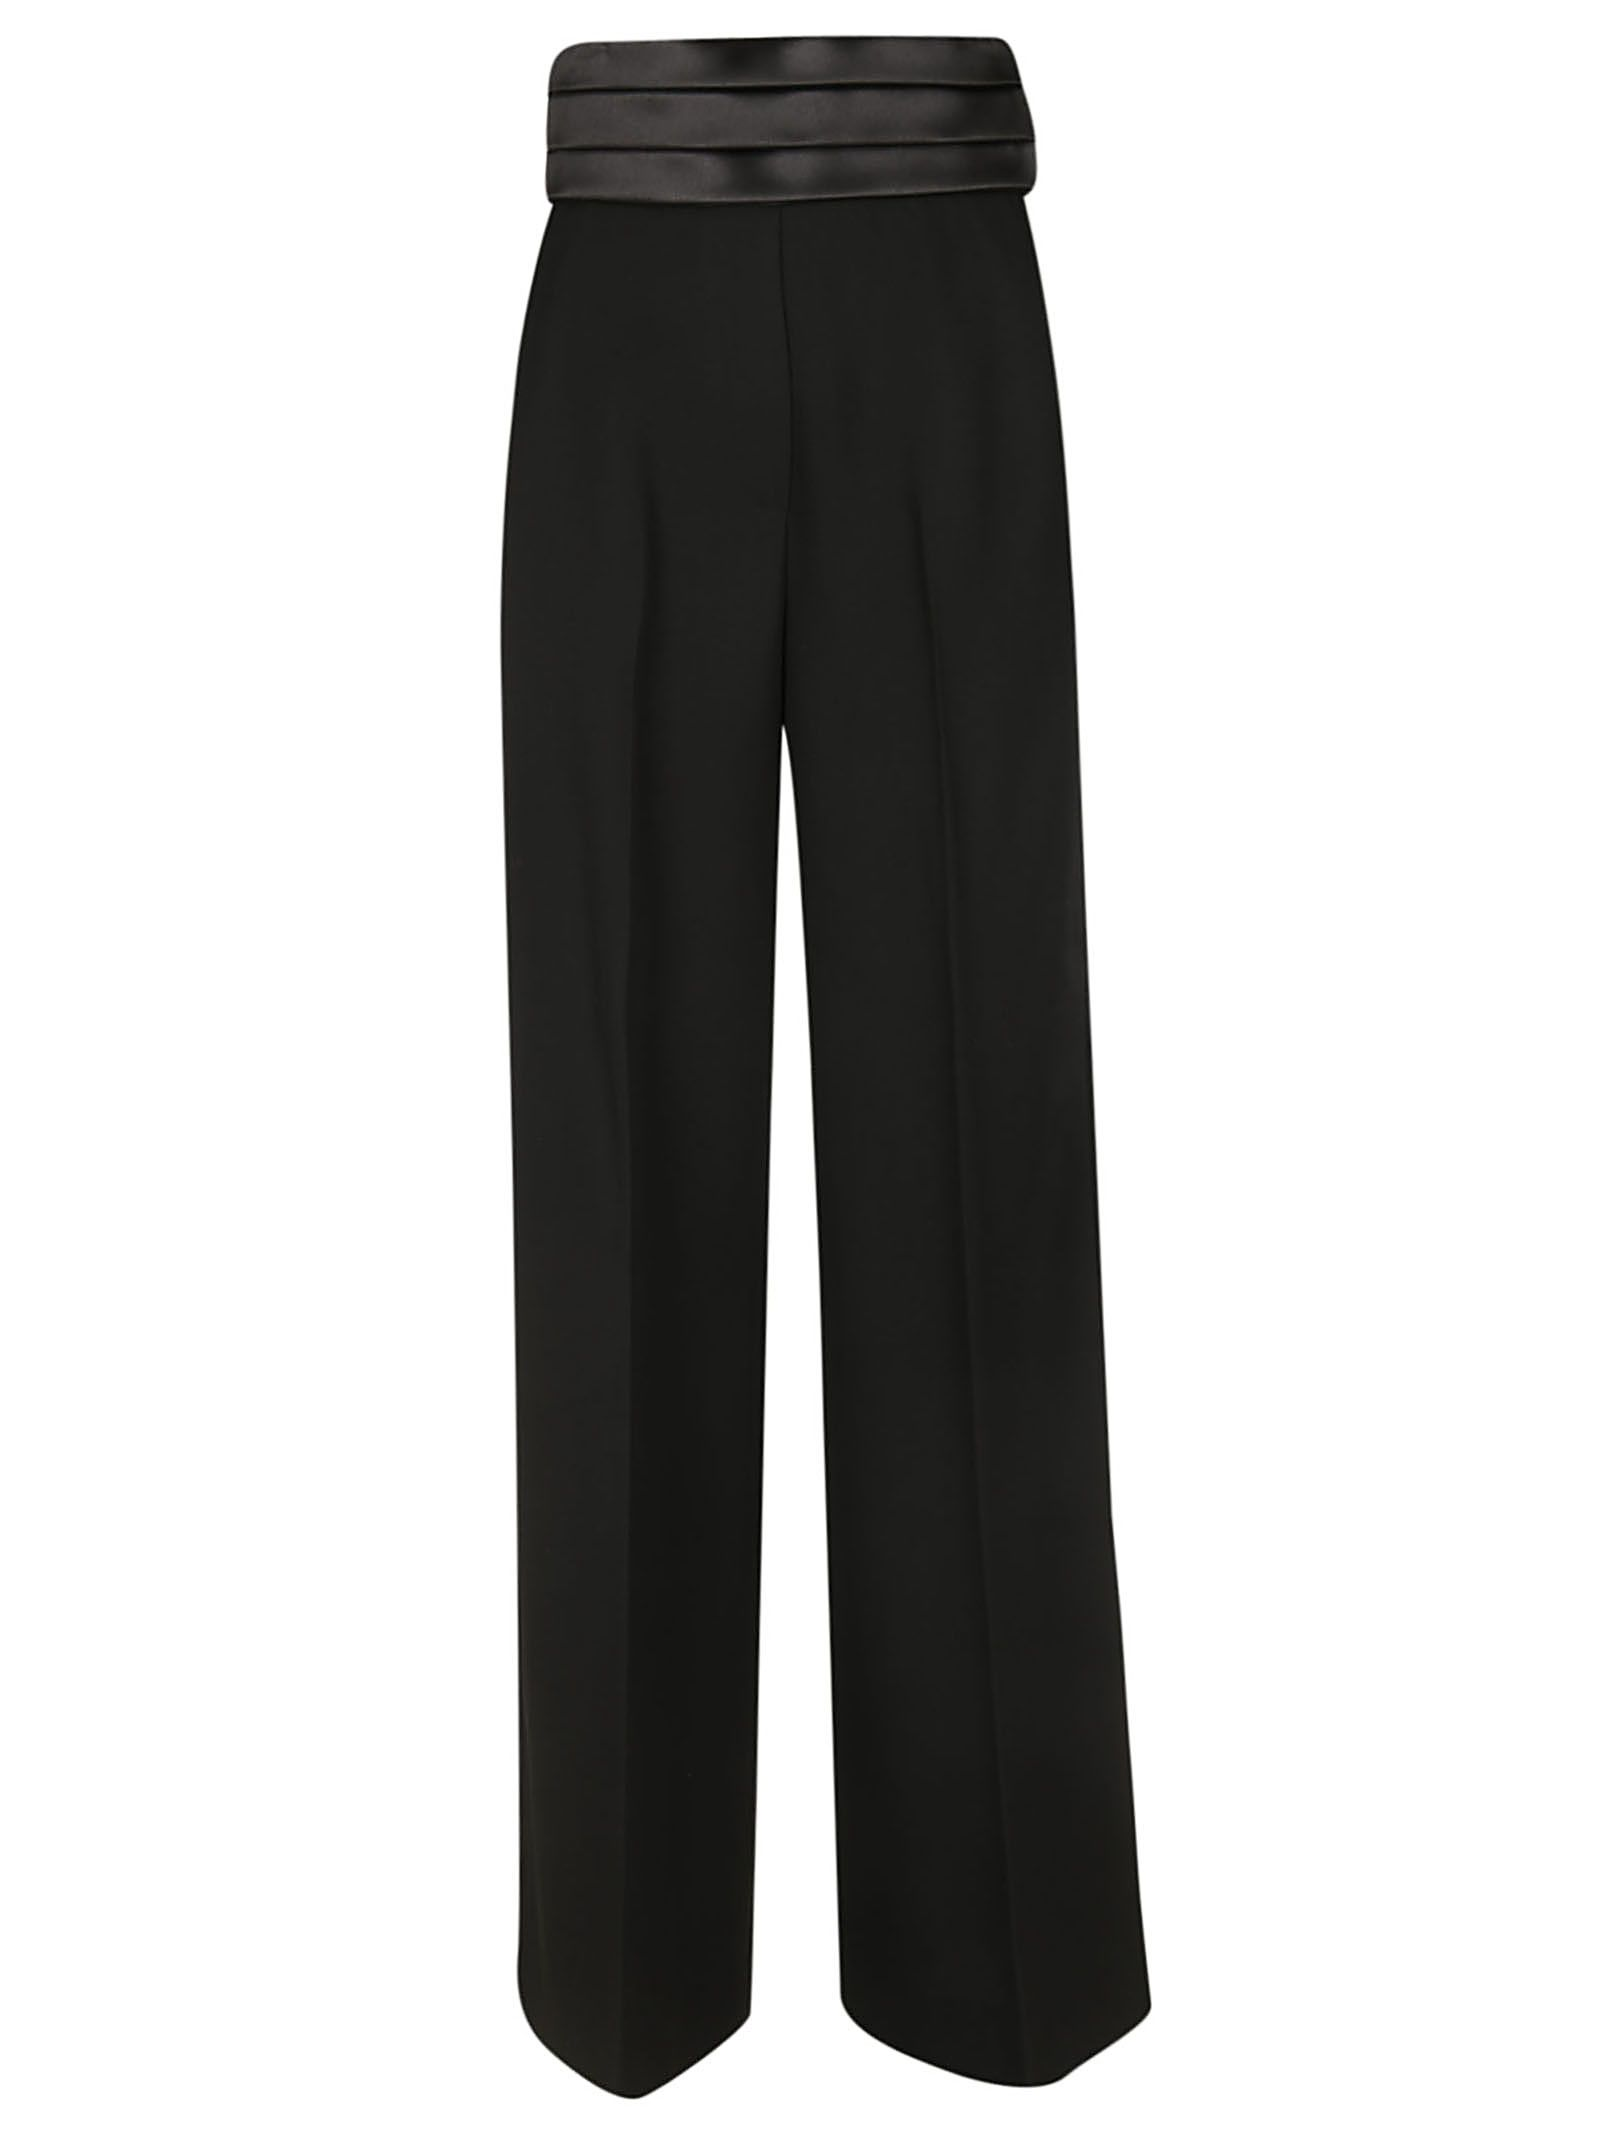 TARA JARMON High Waist Trousers in Noir